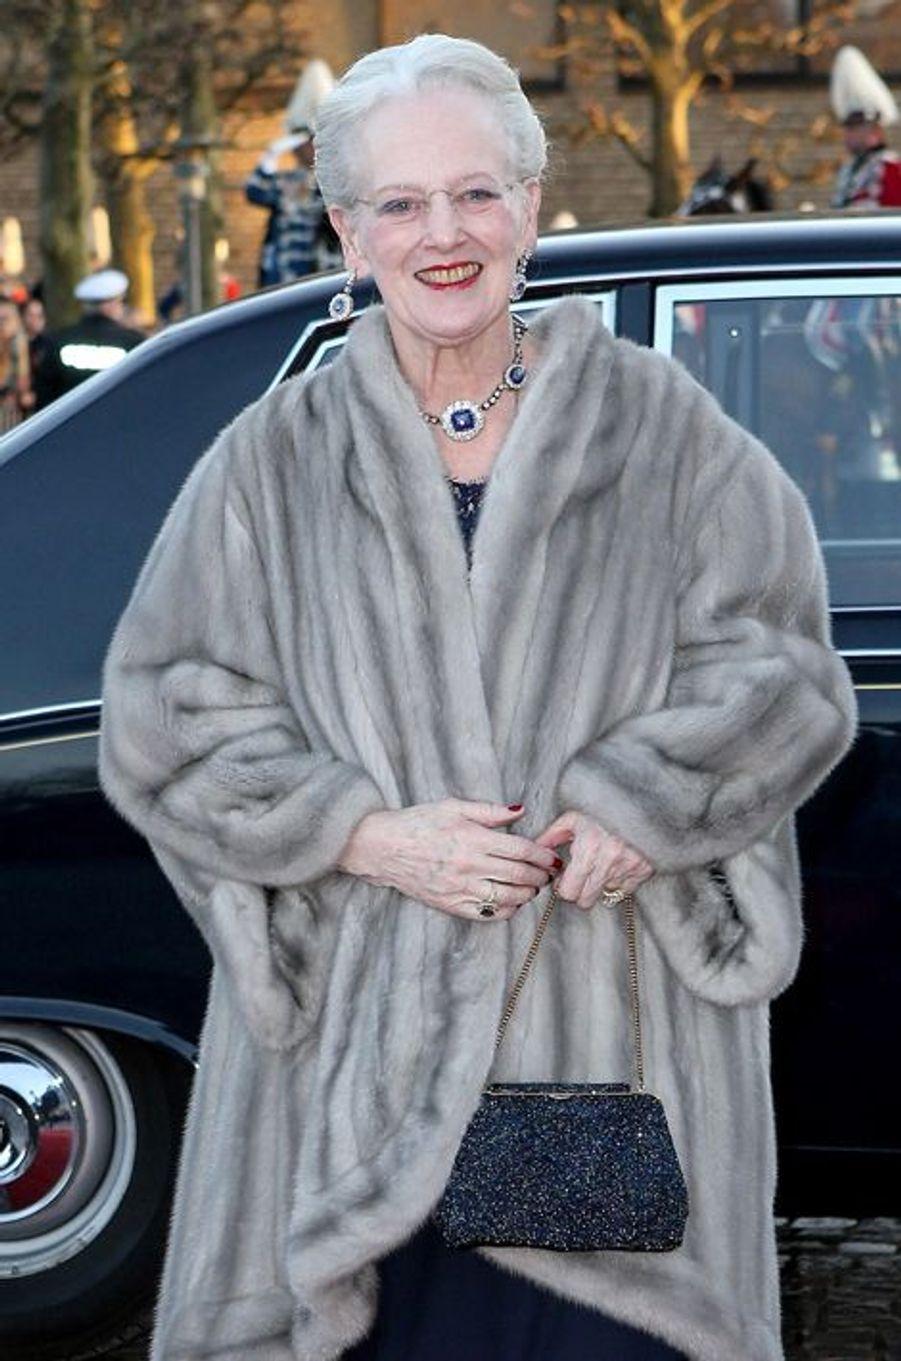 La reine Margrethe II de Danemark à Aarhus, le 8 avril 2015